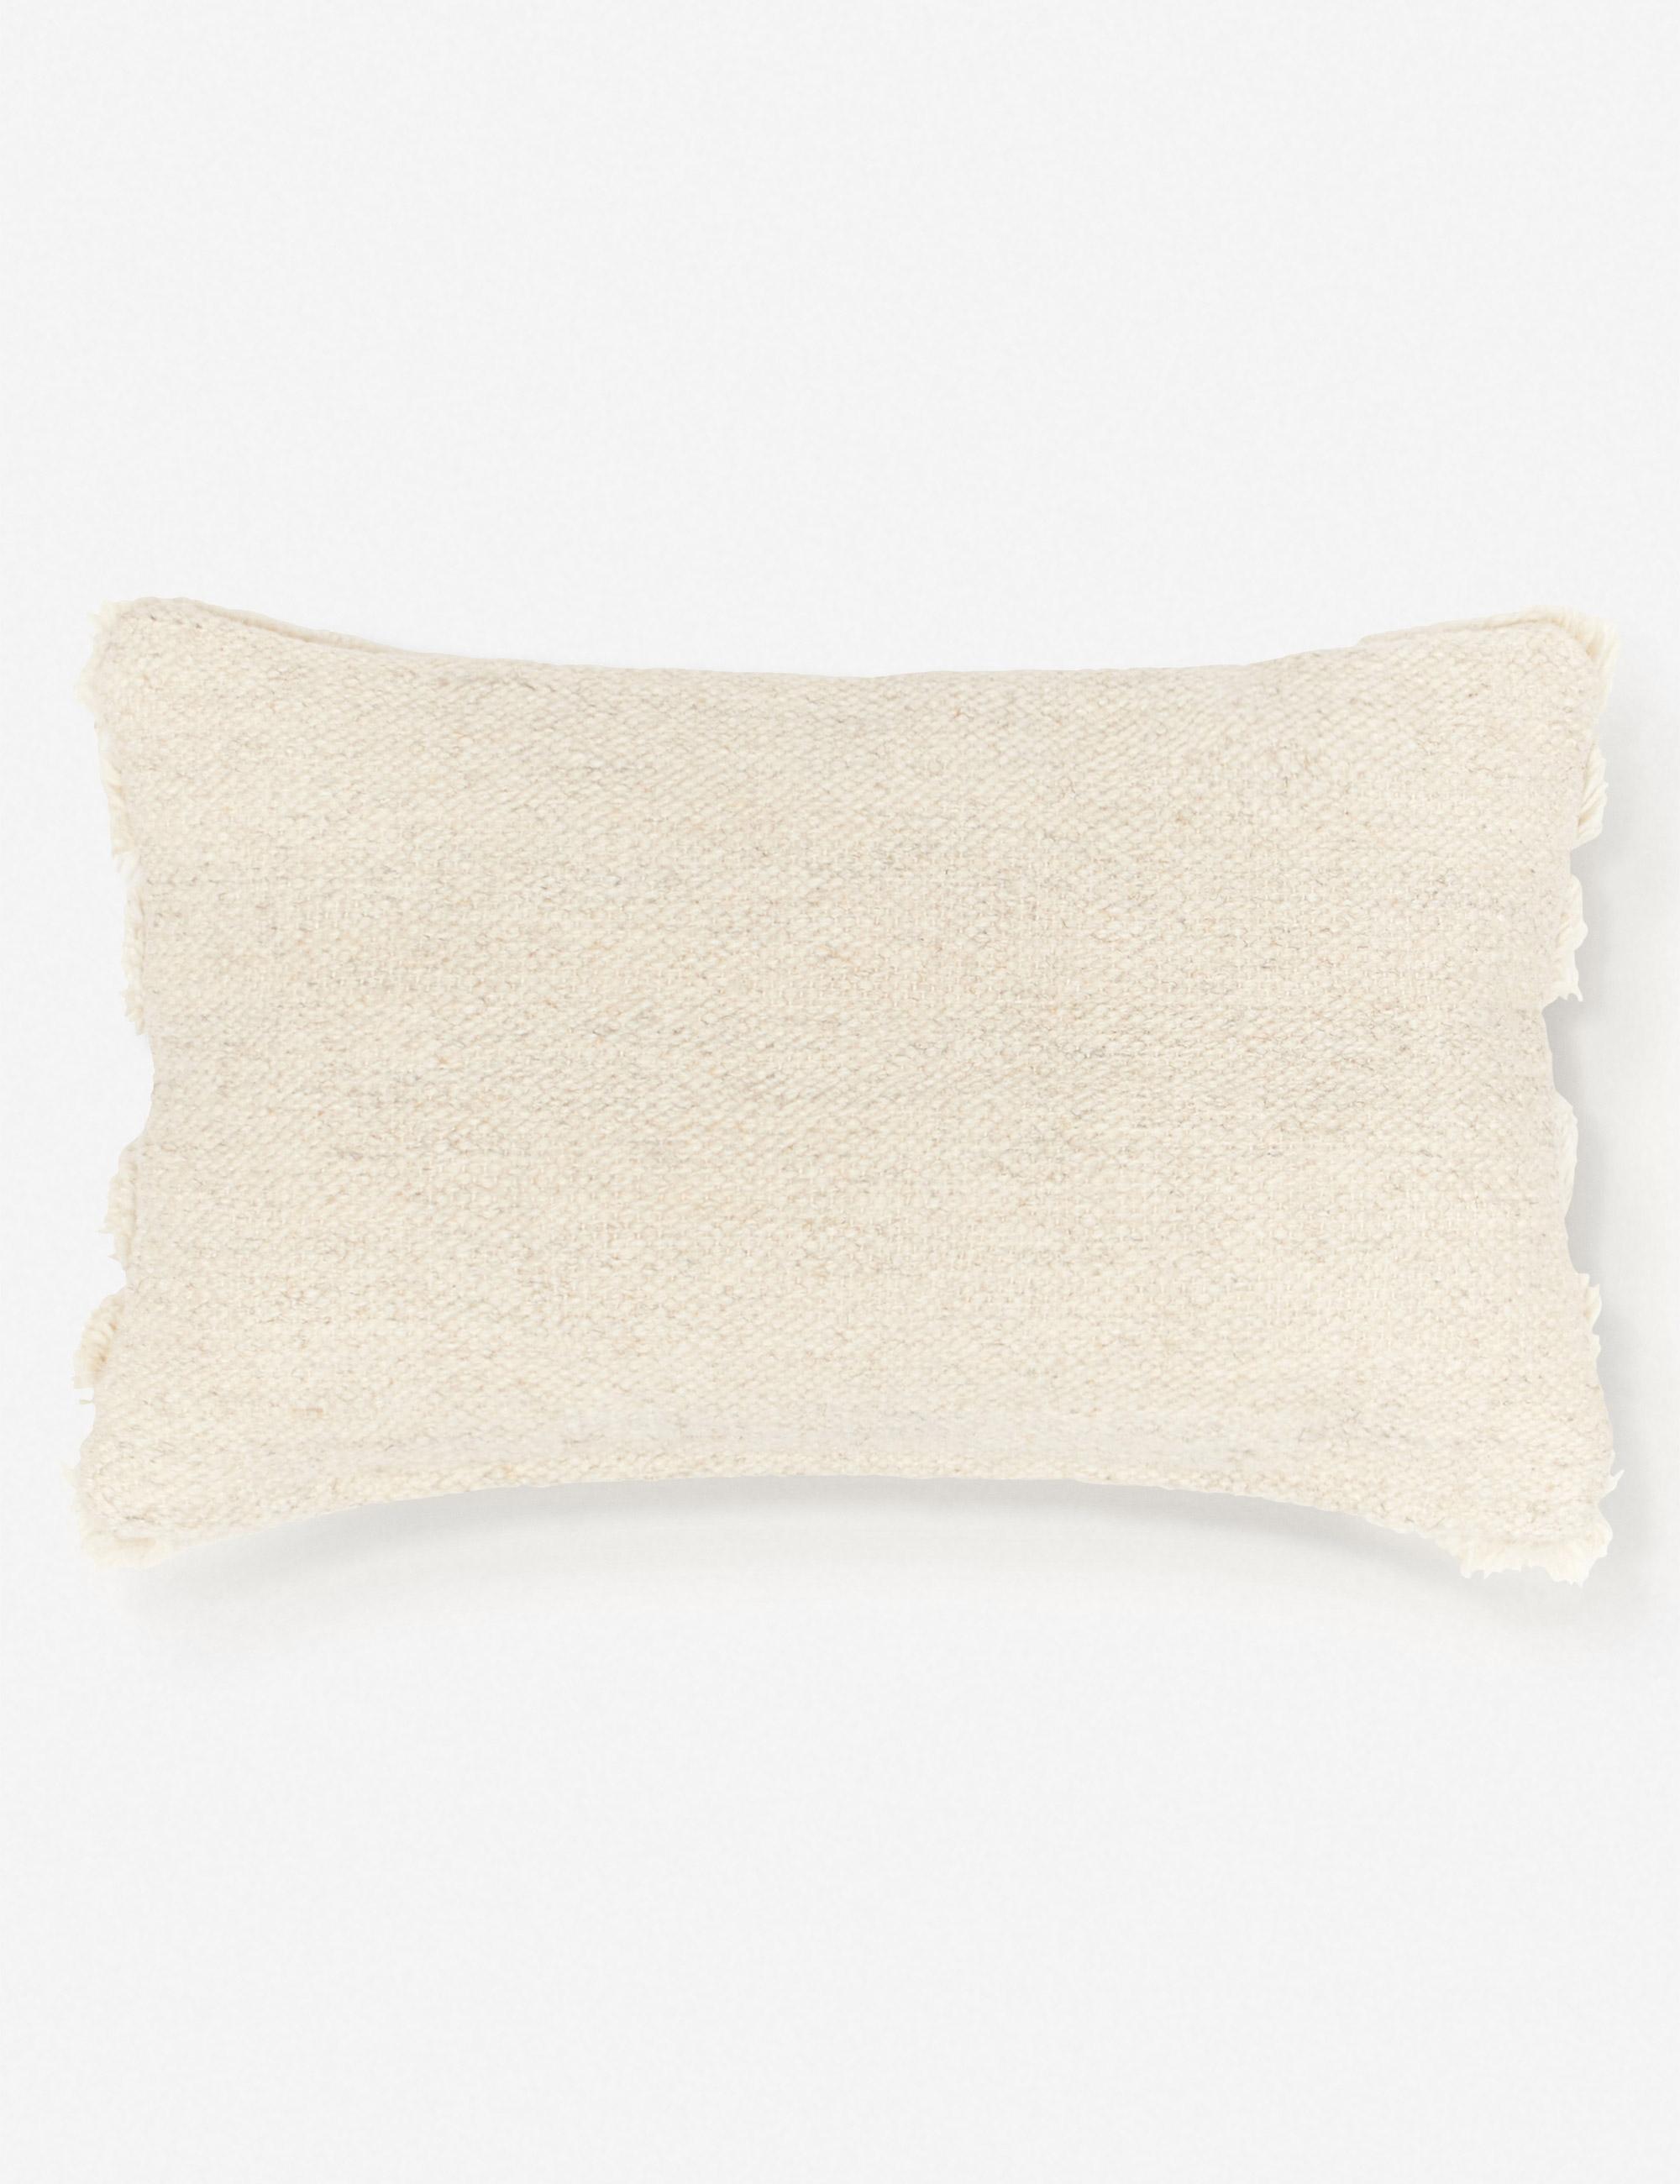 Arches Lumbar Pillow, Natural By Sarah Sherman Samuel